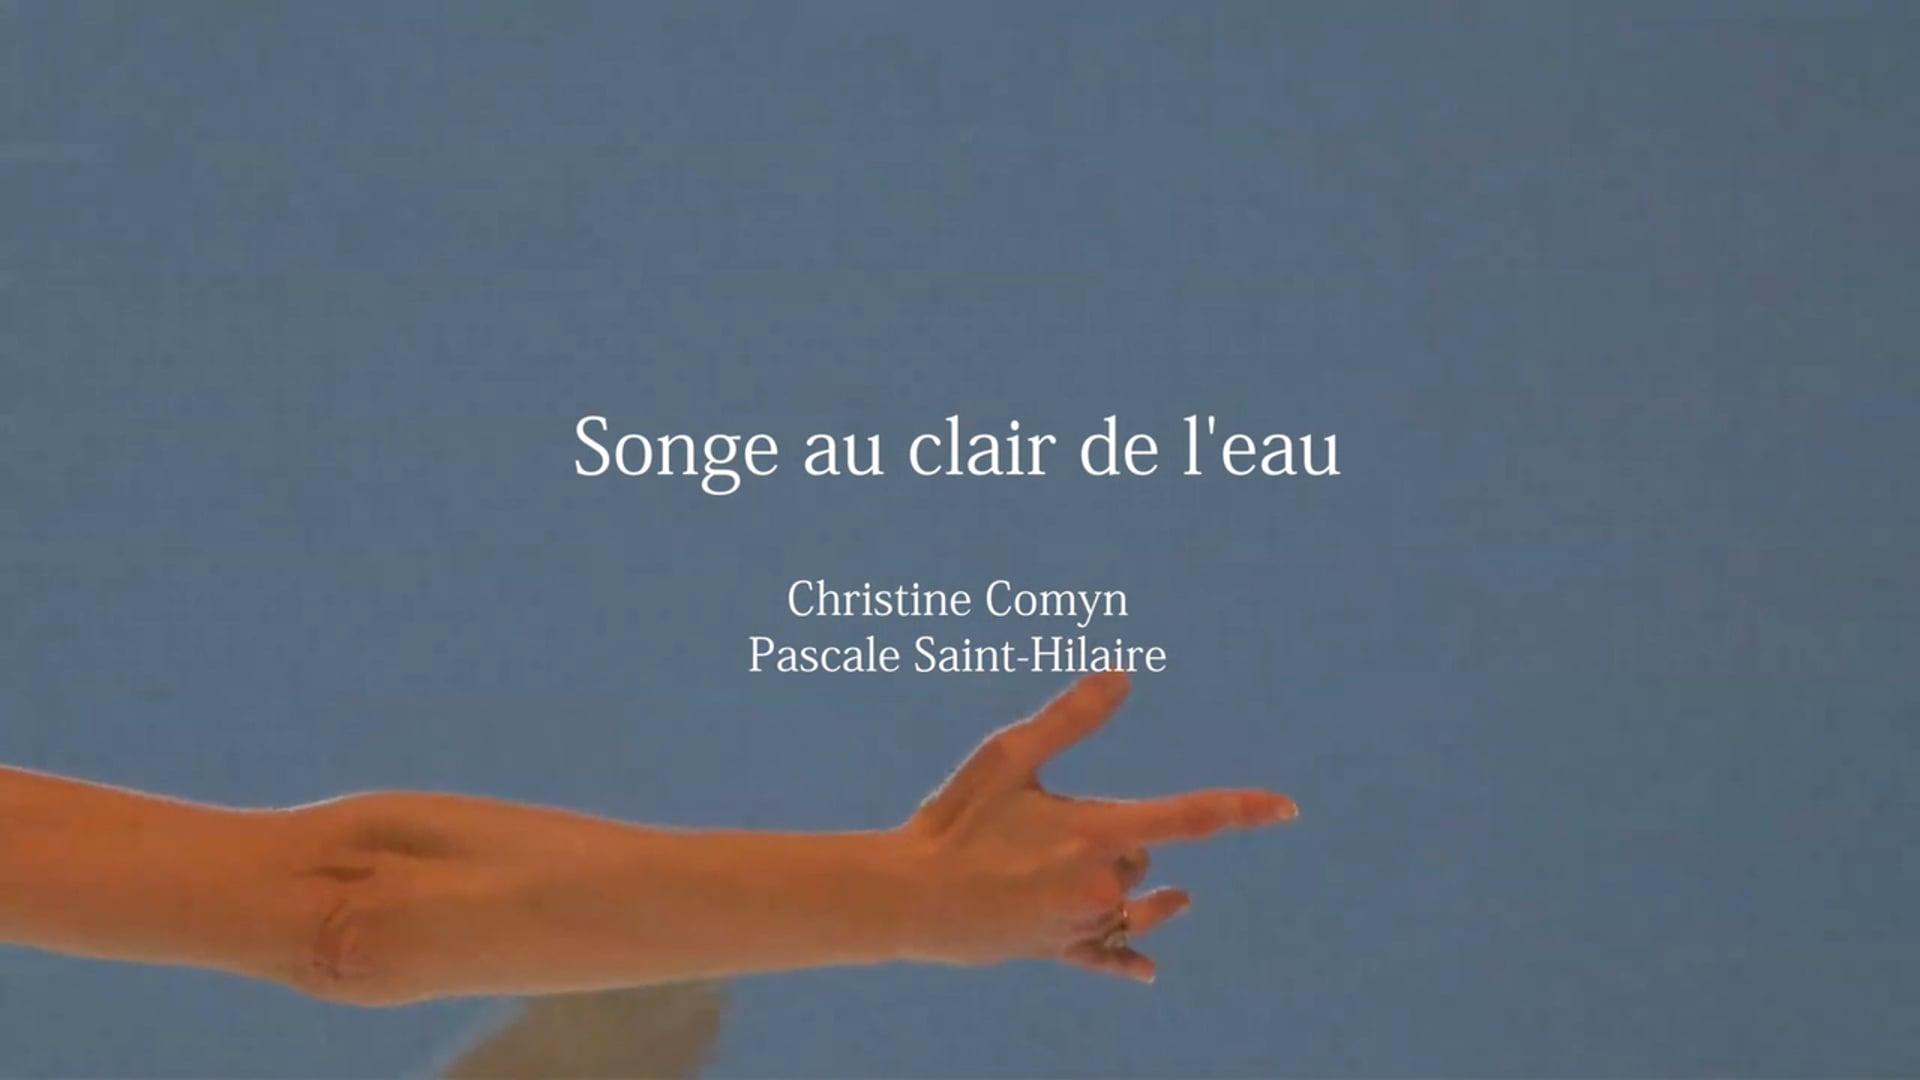 SONGE AU CLAIR DE L'EAU - Christine Comyn - painter & Pascale Saint-Hilaire - dancer